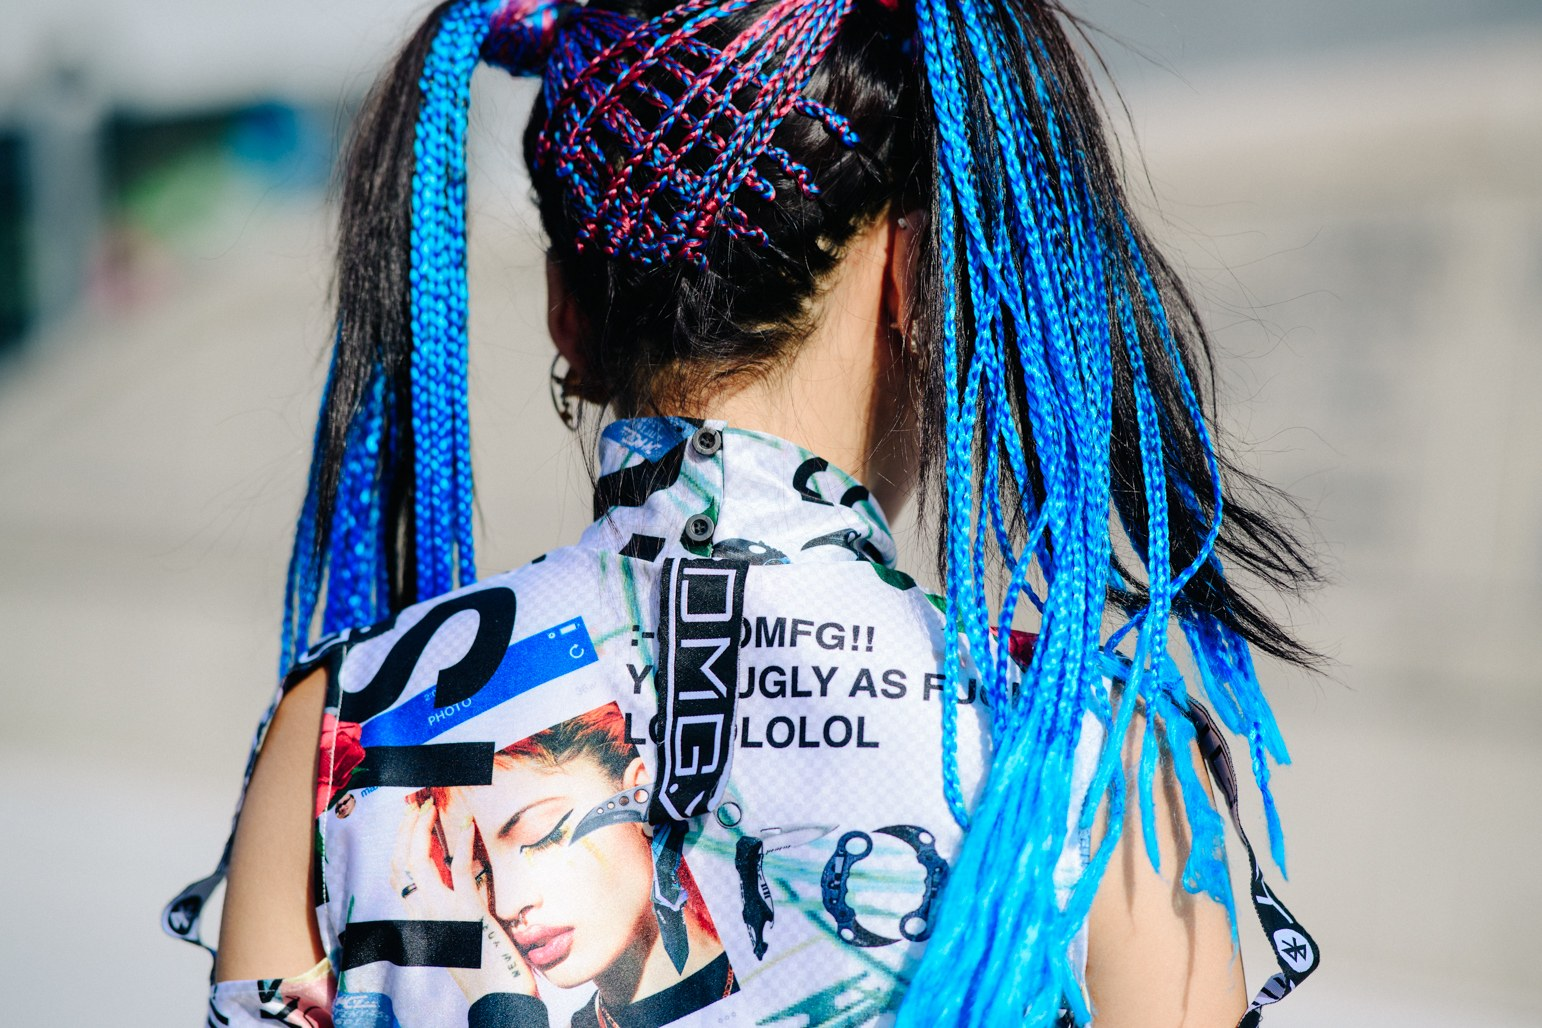 Seoul Fashion Week: Riêng về street style, giới trẻ Hàn nào có thua kém các ngôi sao nổi tiếng - Ảnh 6.